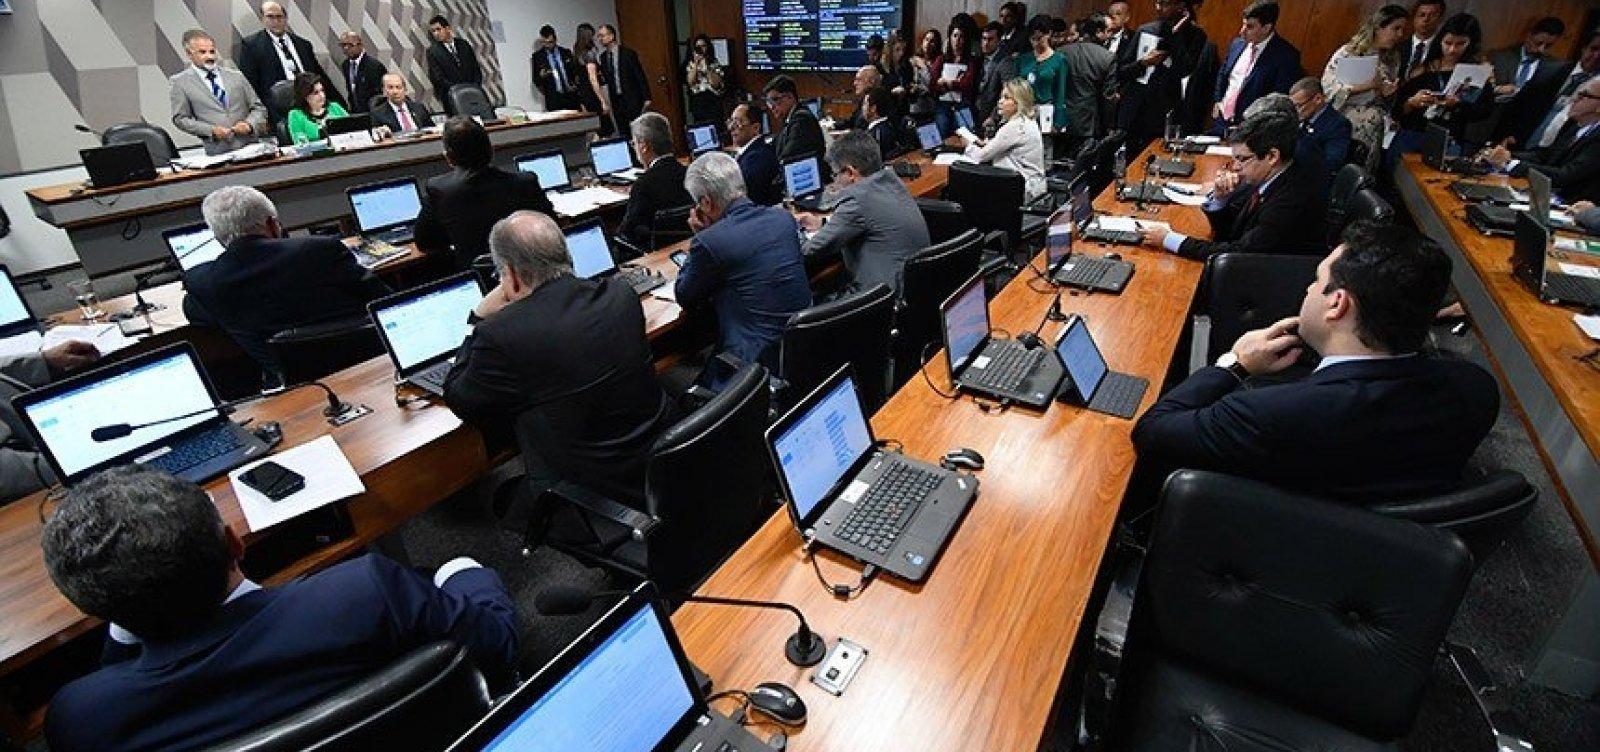 [Comissão no Senado sabatina quatro indicados ao Conselho Nacional do Ministério Público]